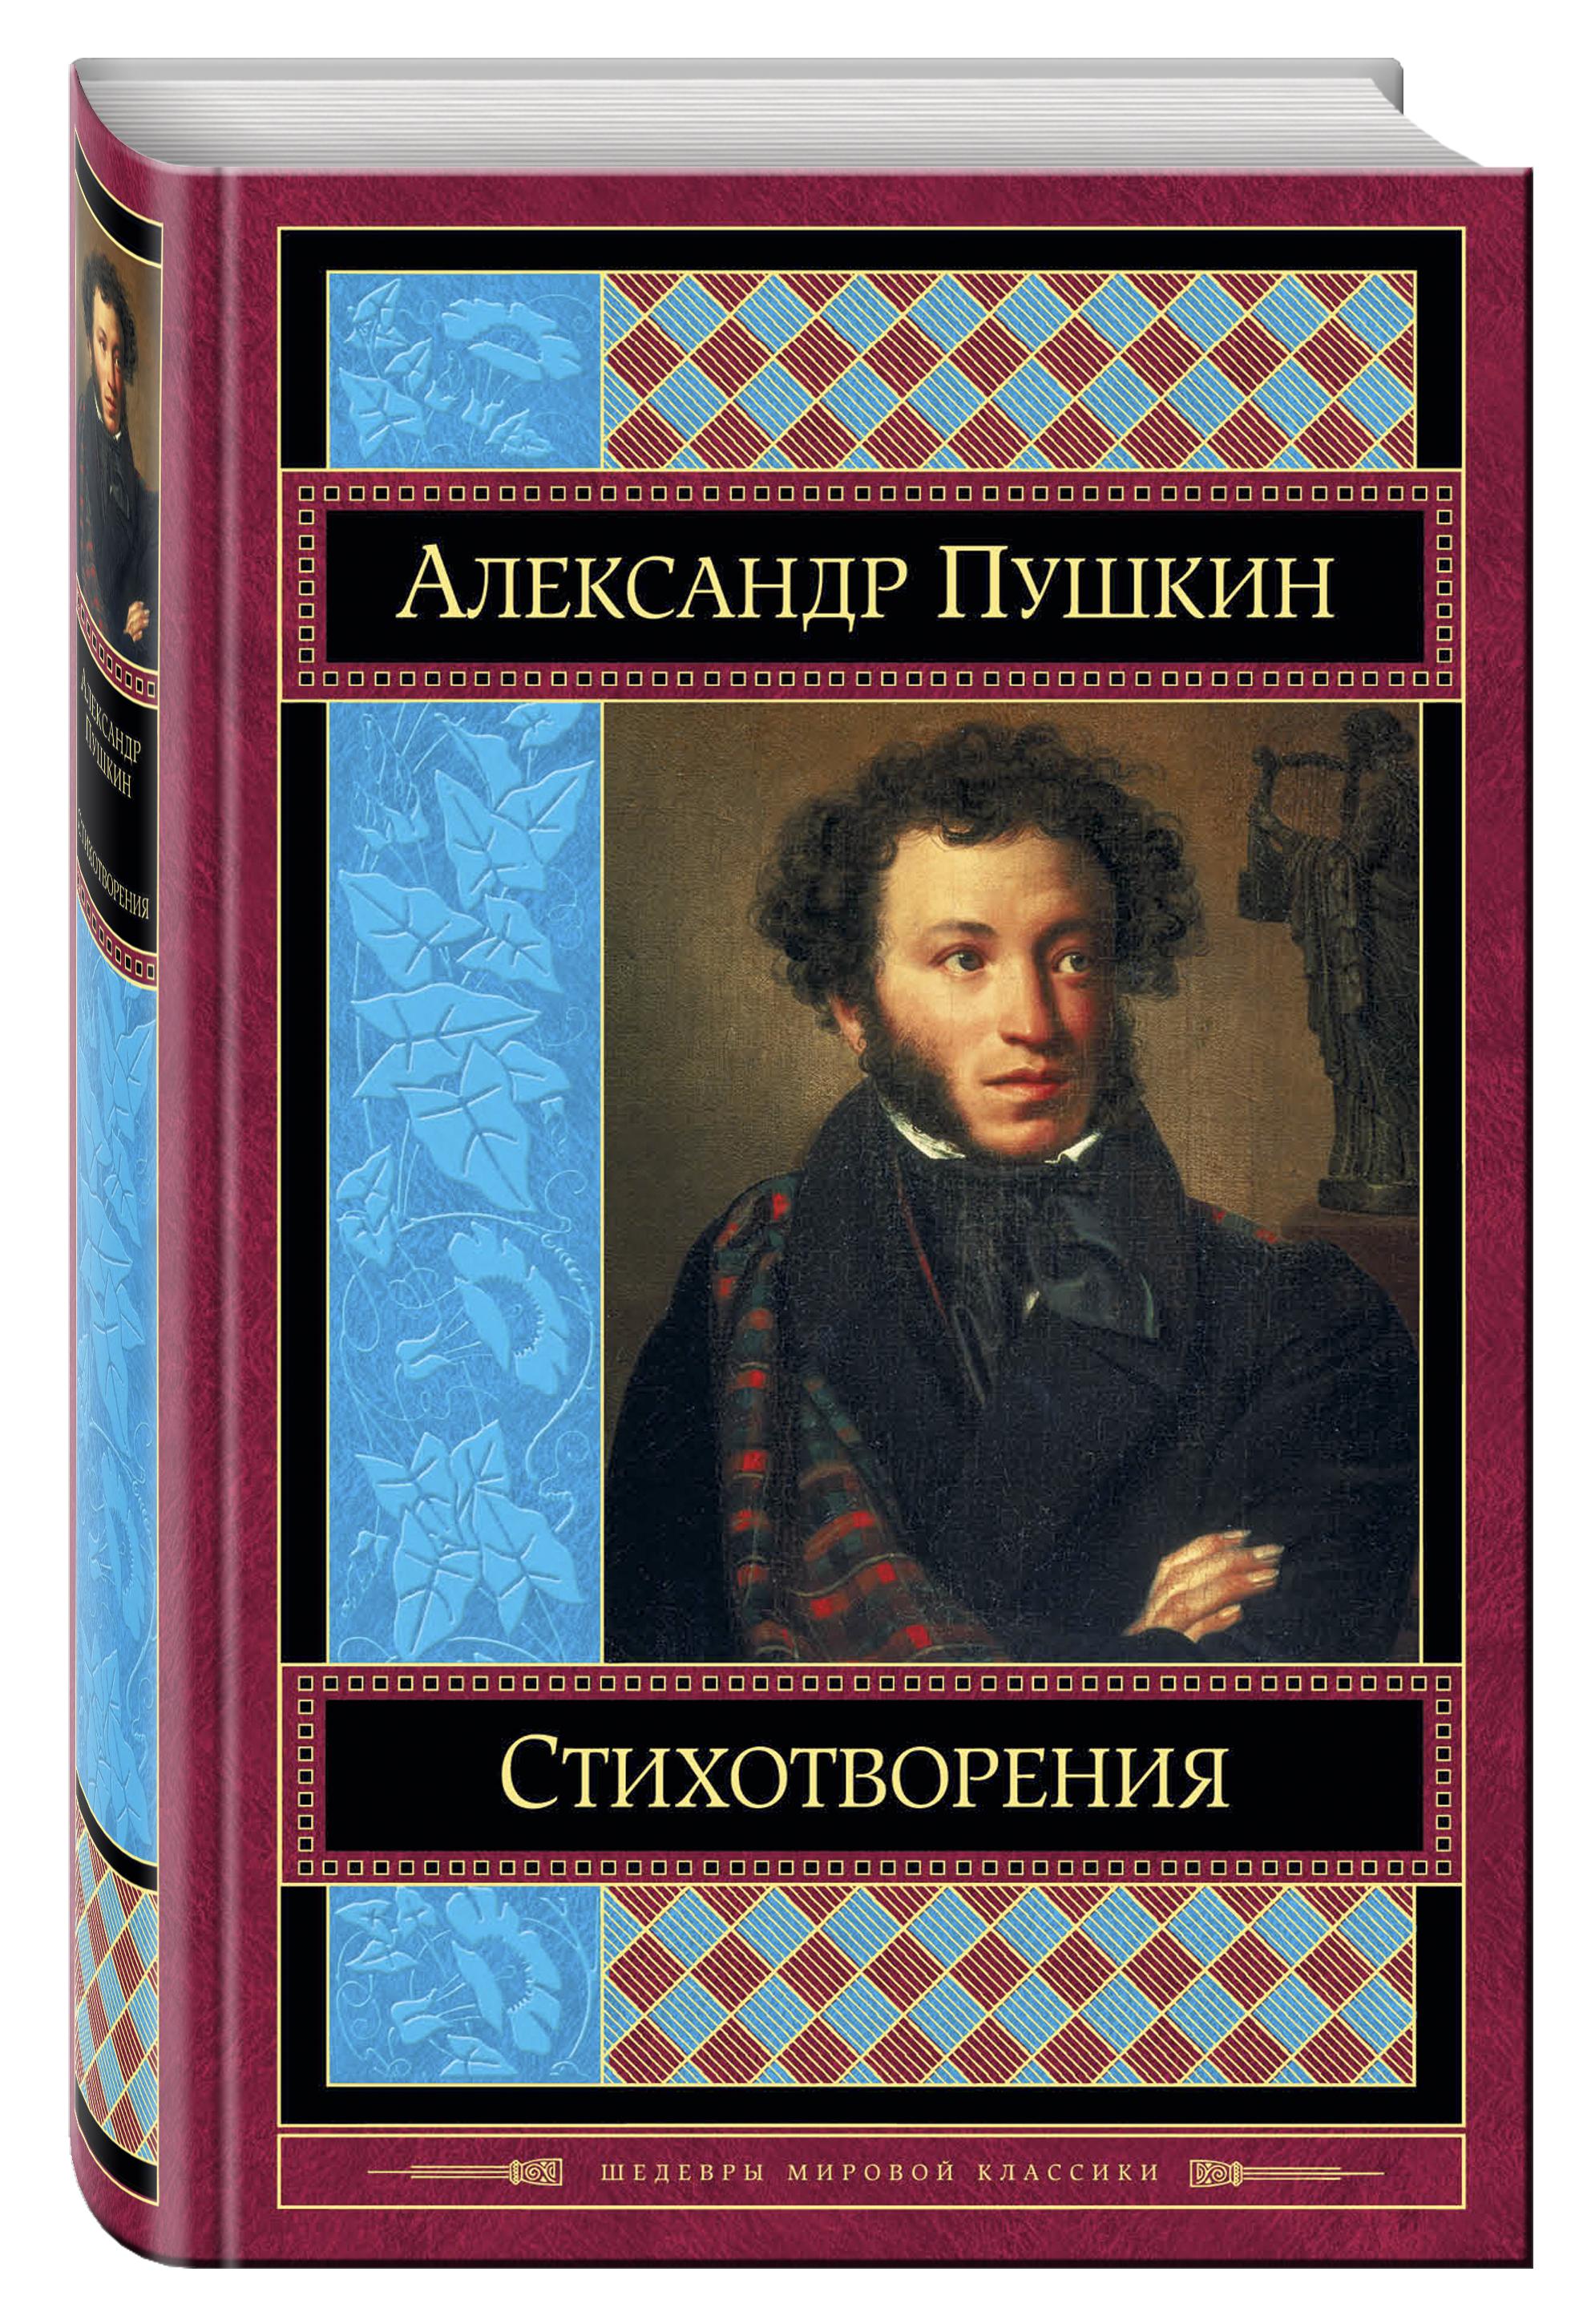 Пушкин А.С. Стихотворения в л пушкин в л пушкин стихотворения поэмы